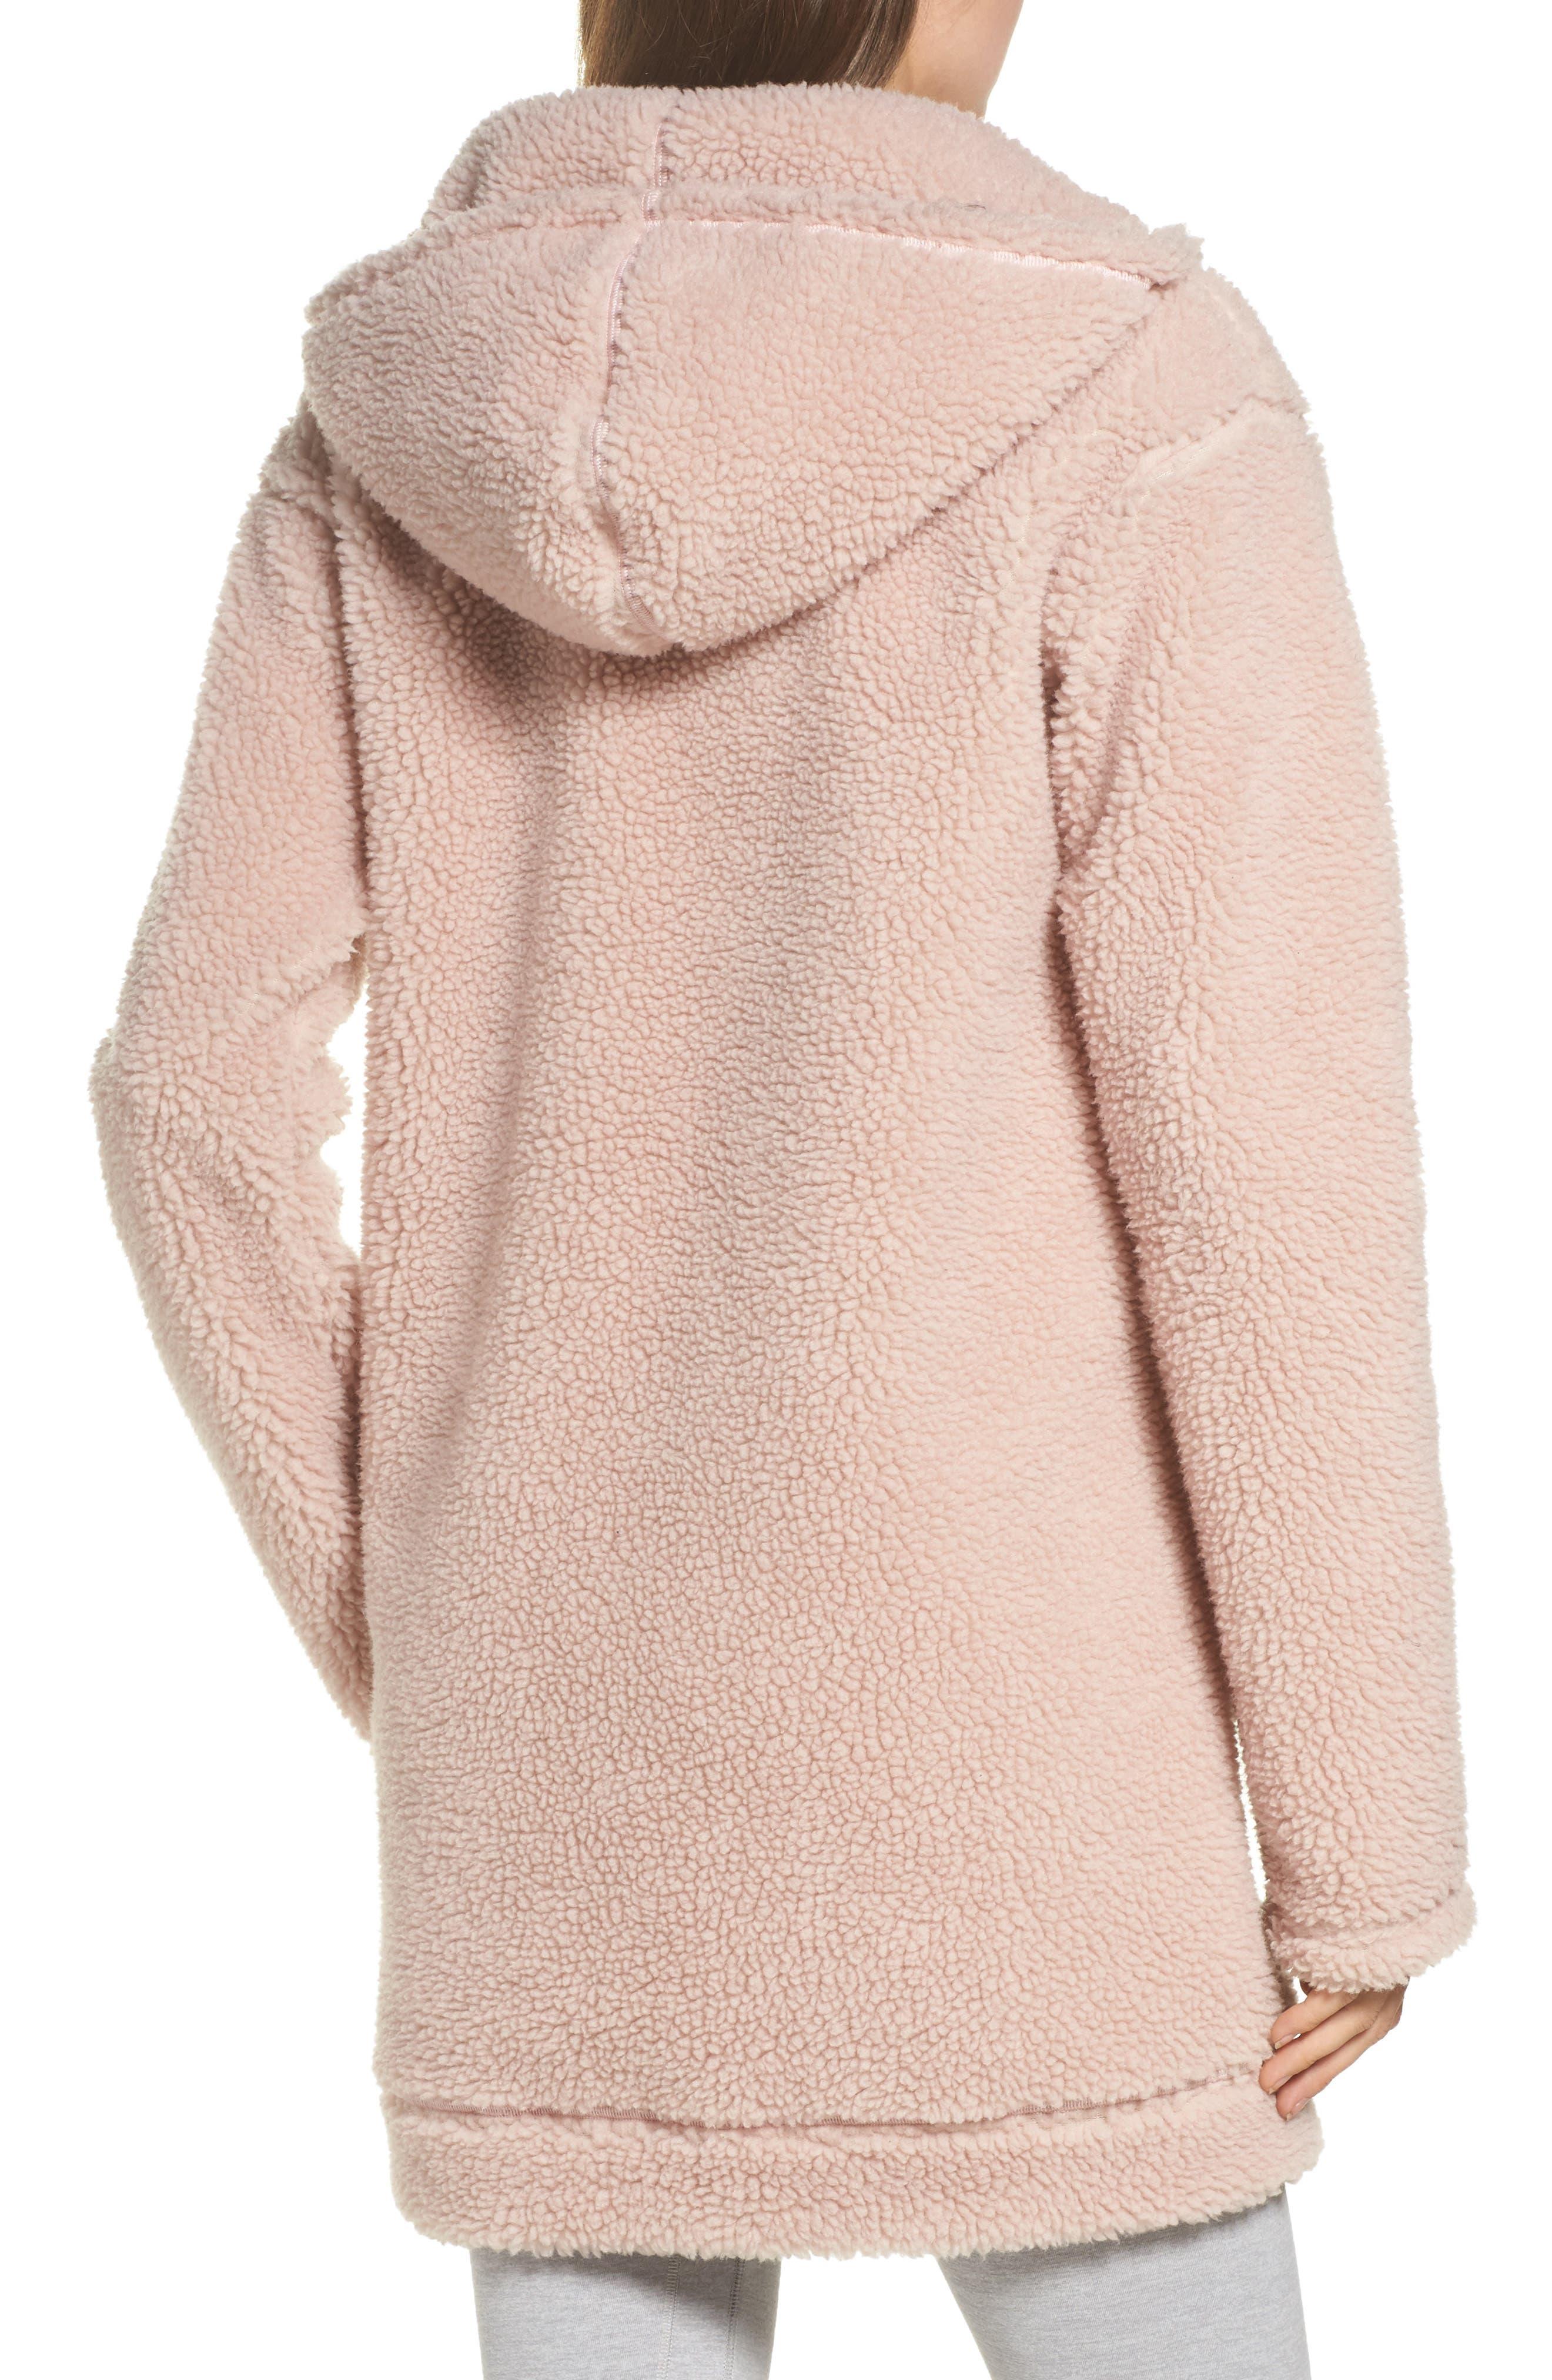 Brea Fleece Jacket,                             Alternate thumbnail 2, color,                             680